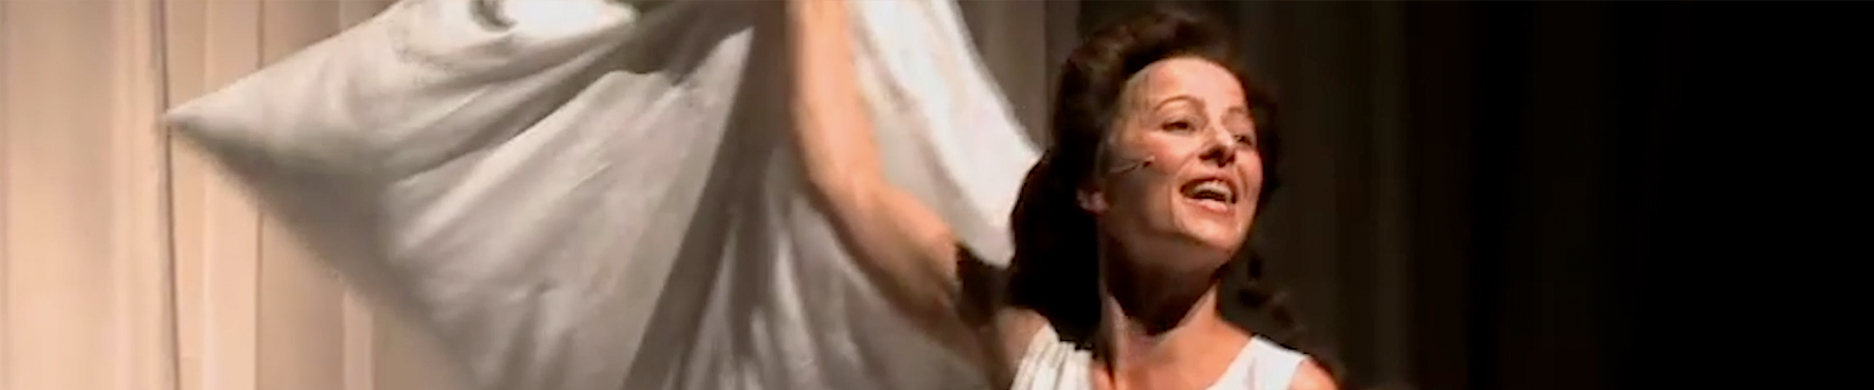 Regine Seidler als Rosa Luxemburg